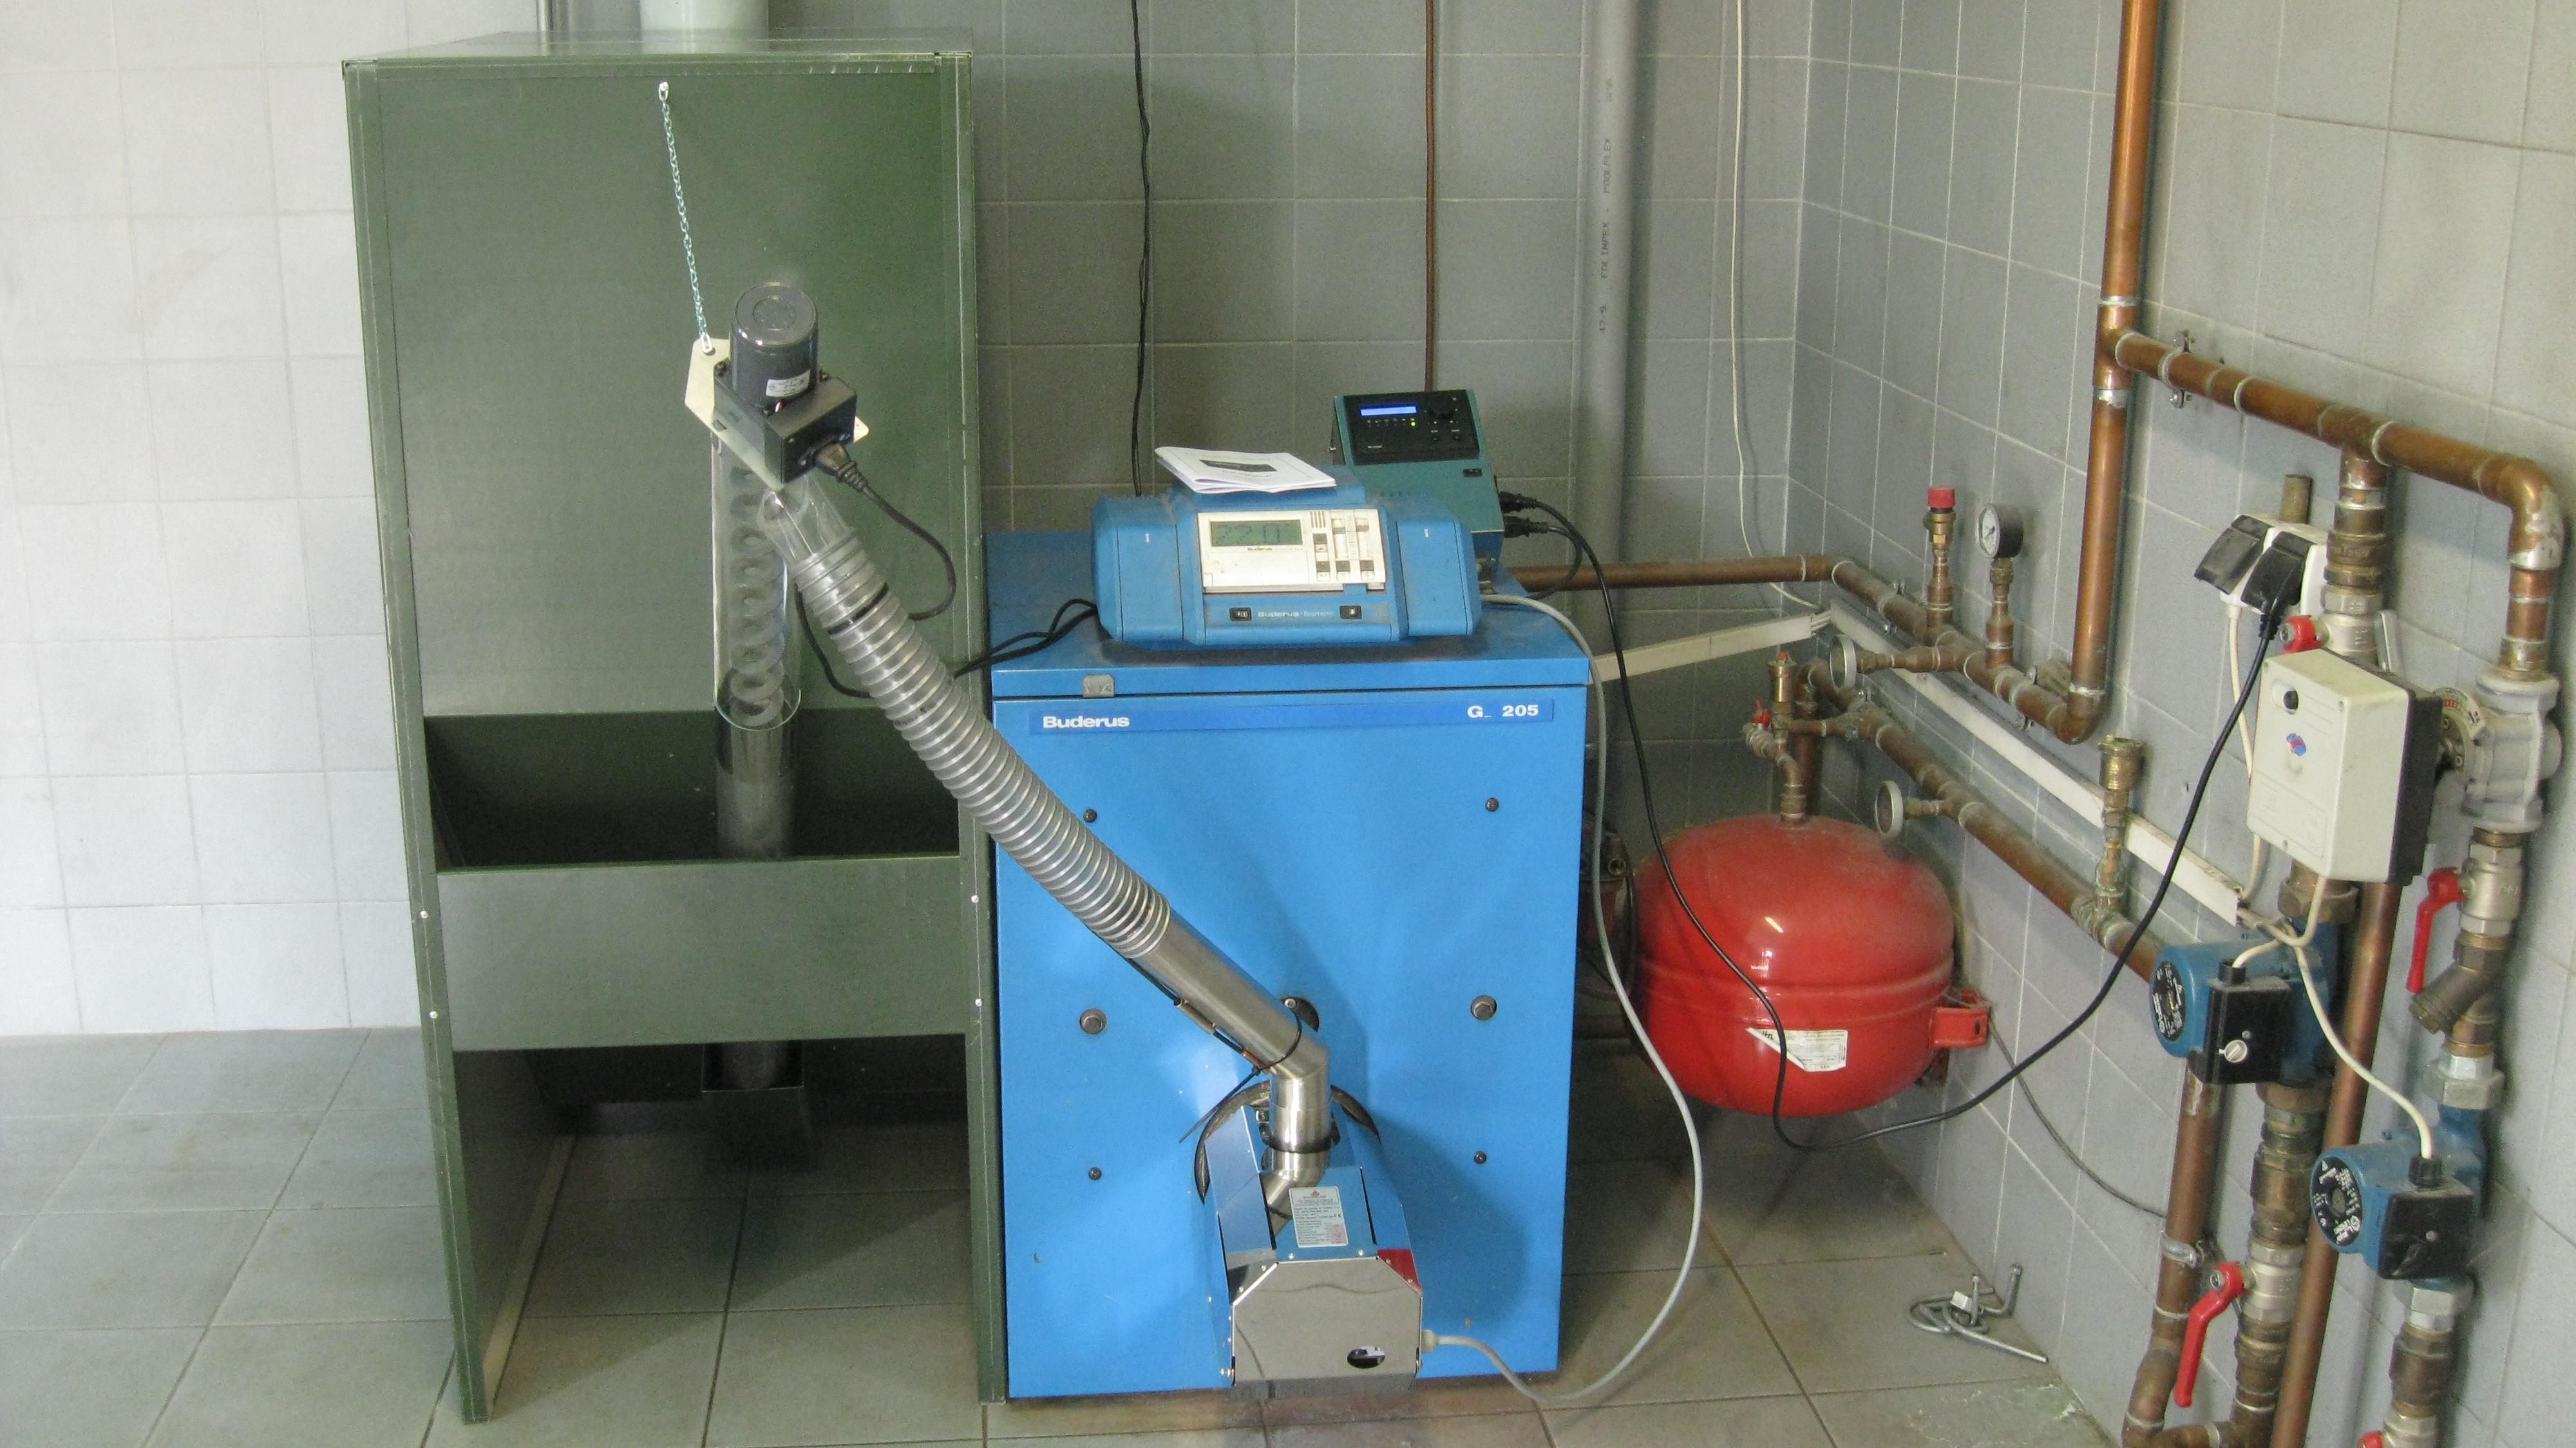 Bruciatore di pellet per conversione caldaie da gasolio a pellet - Caldaia a pellet da esterno prezzi ...